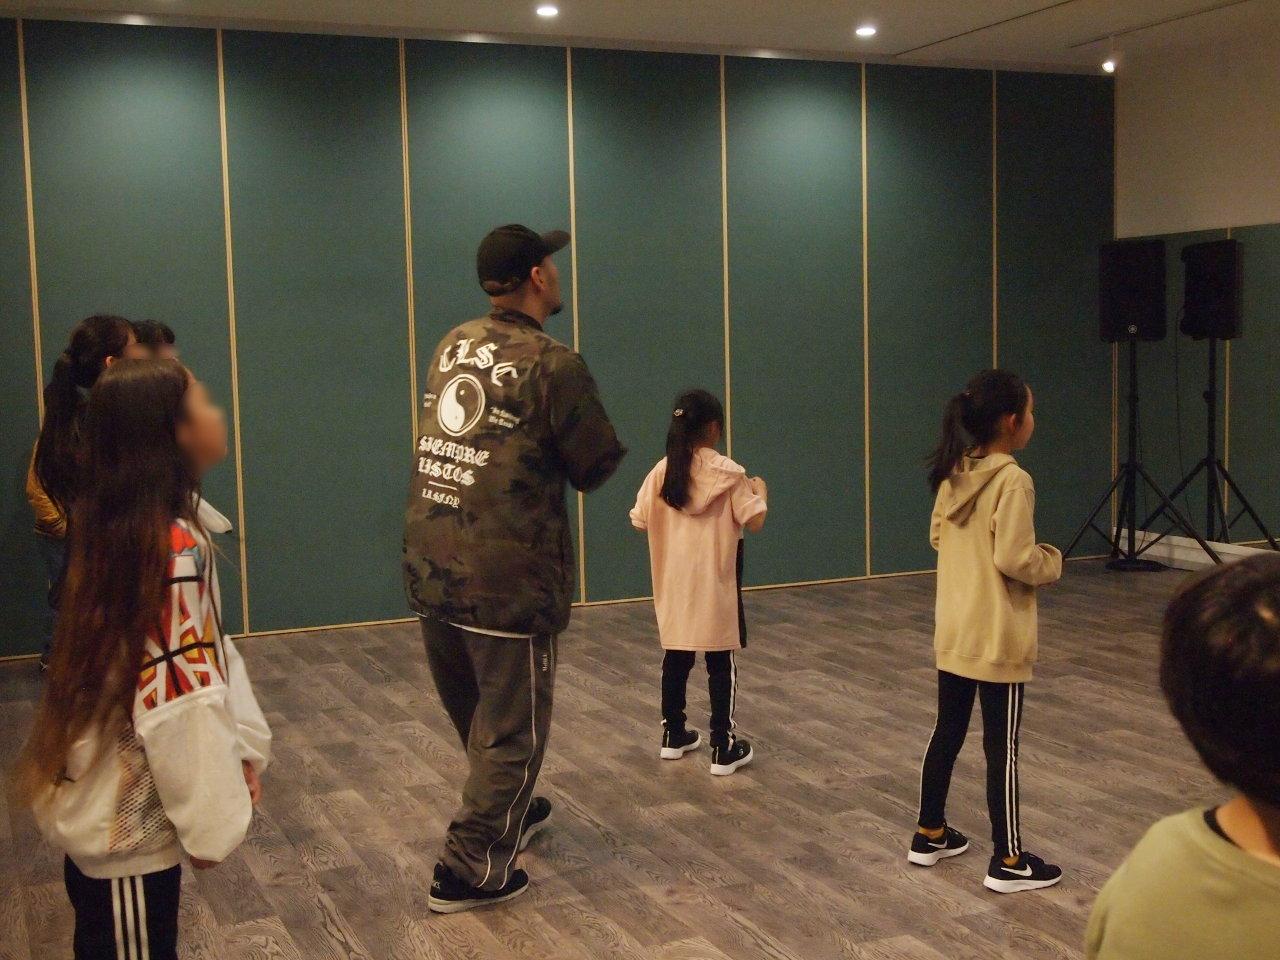 徳島県北島町 ダンススタジオ ダンススクール B.I.G(ビーアイージー) KIDS HIPHOP超入門 KAZU 岩佐和宏